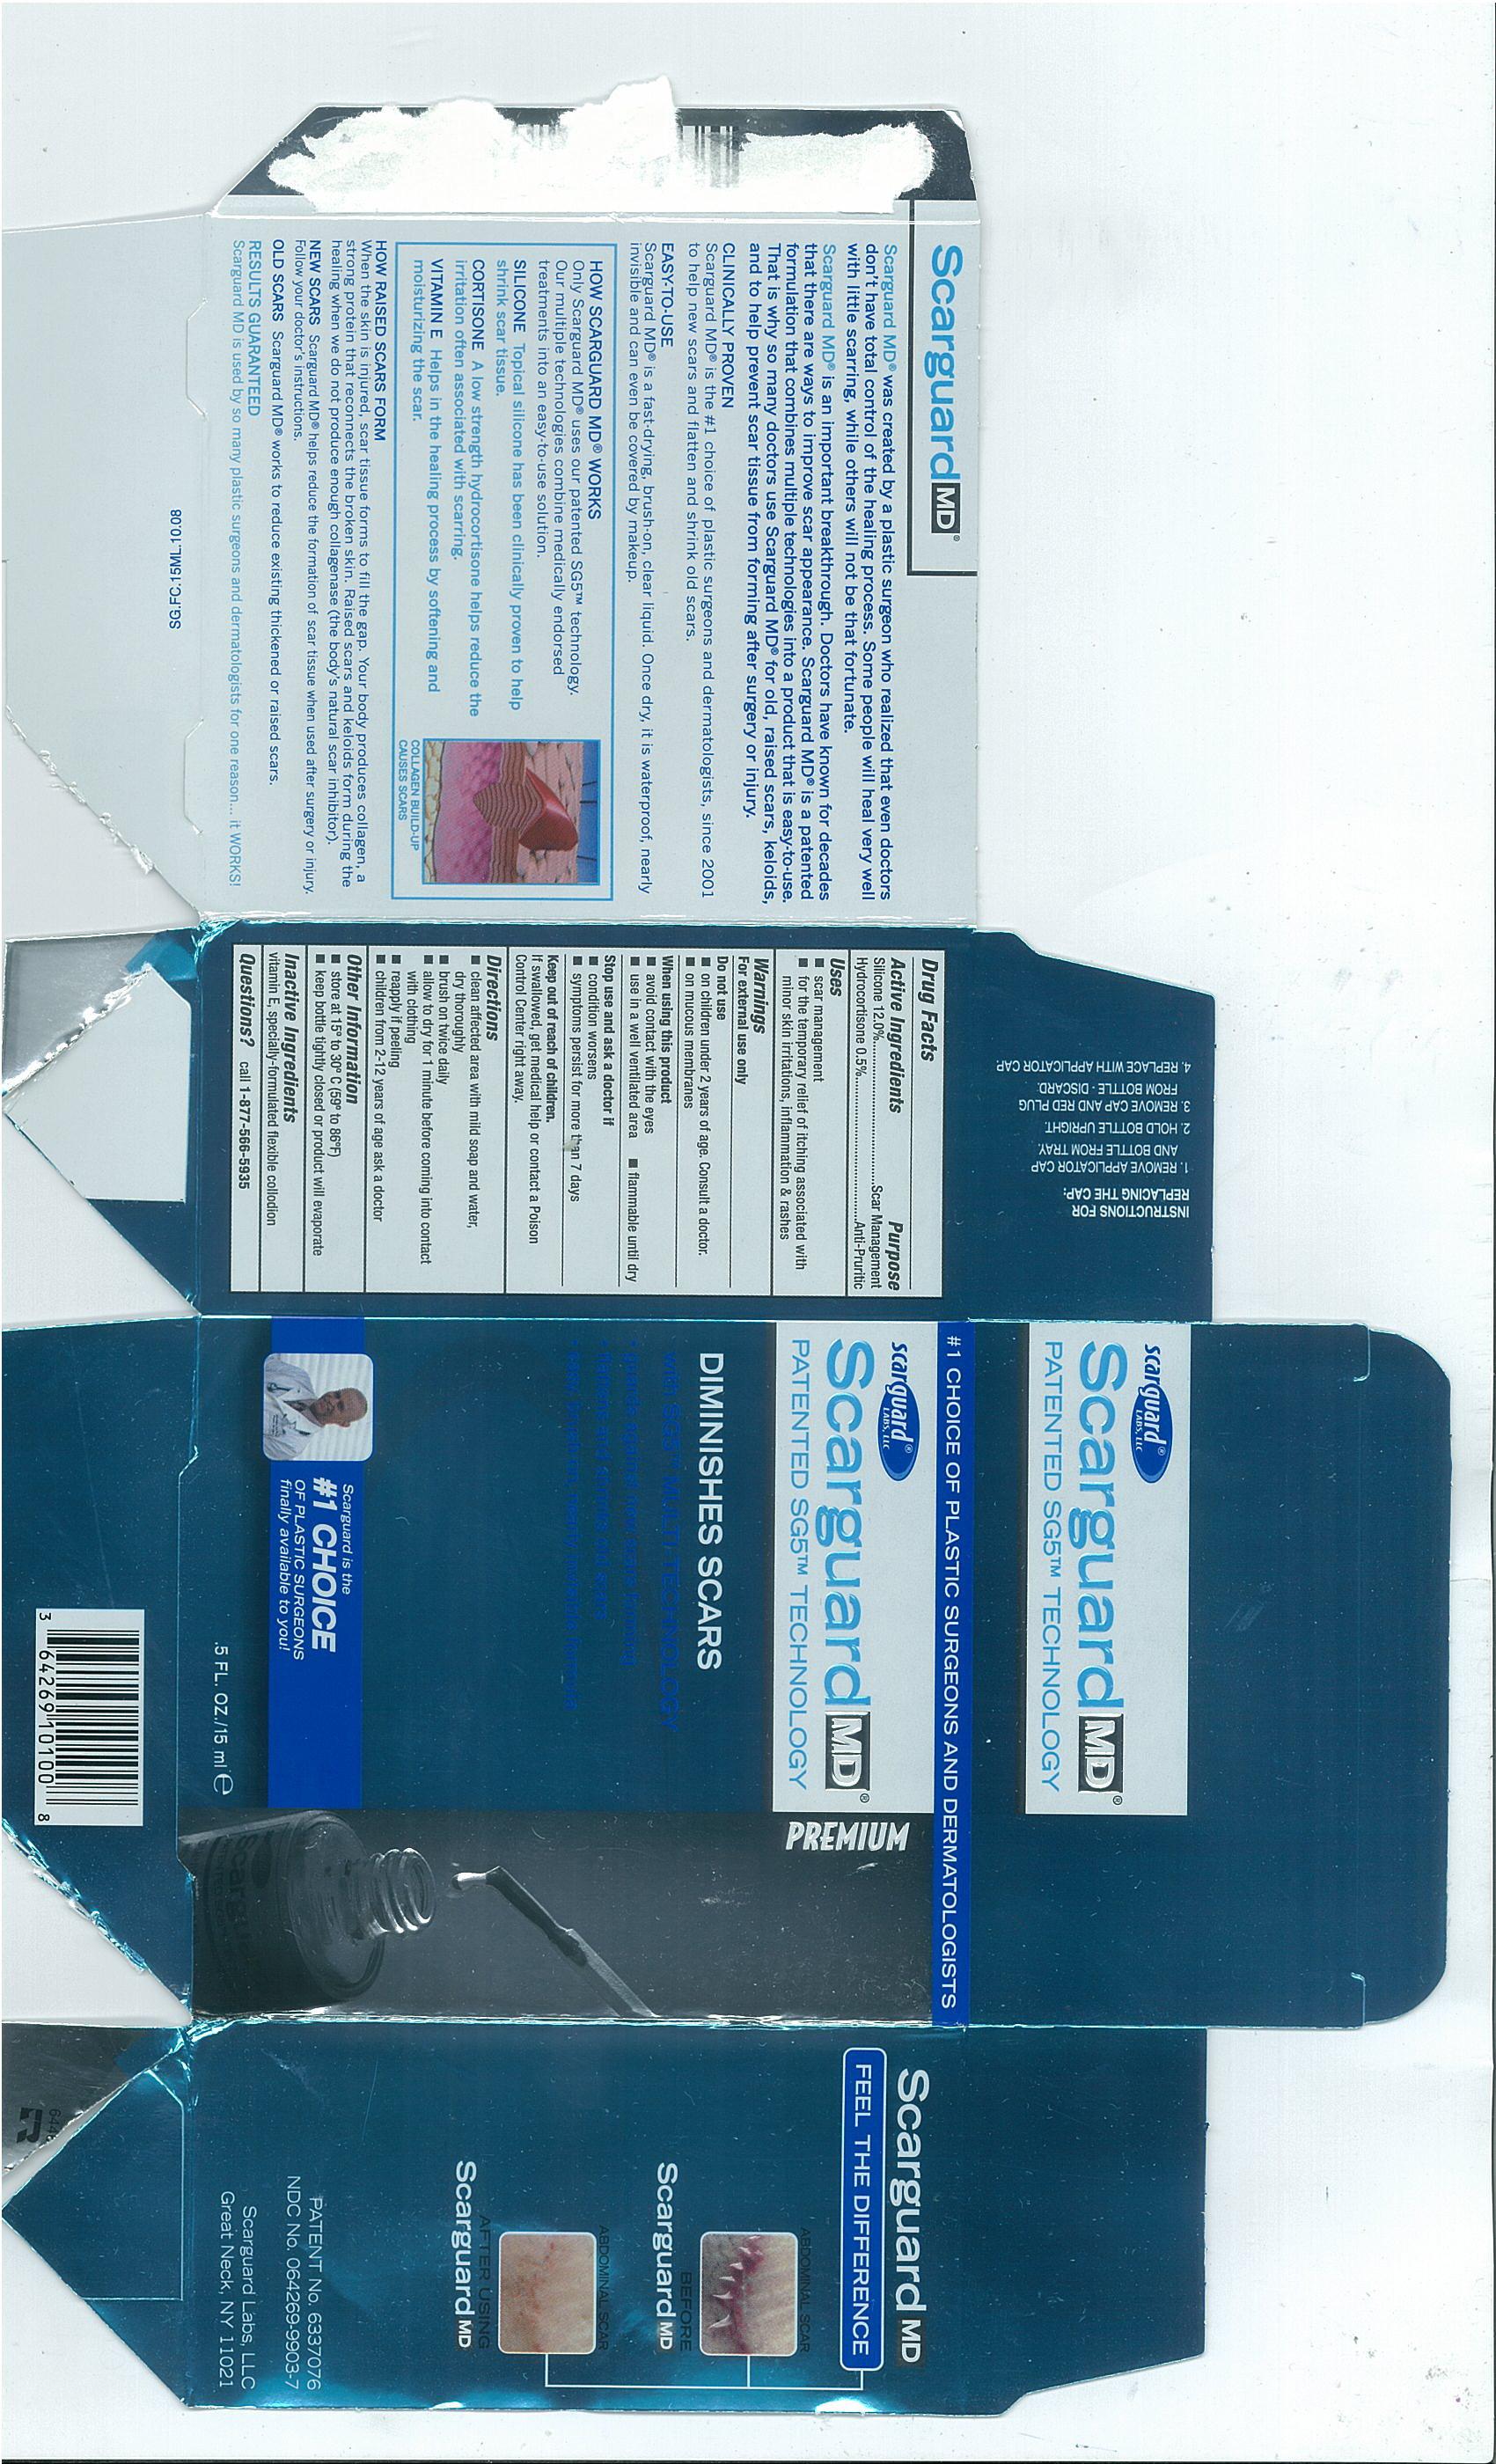 15 mL carton